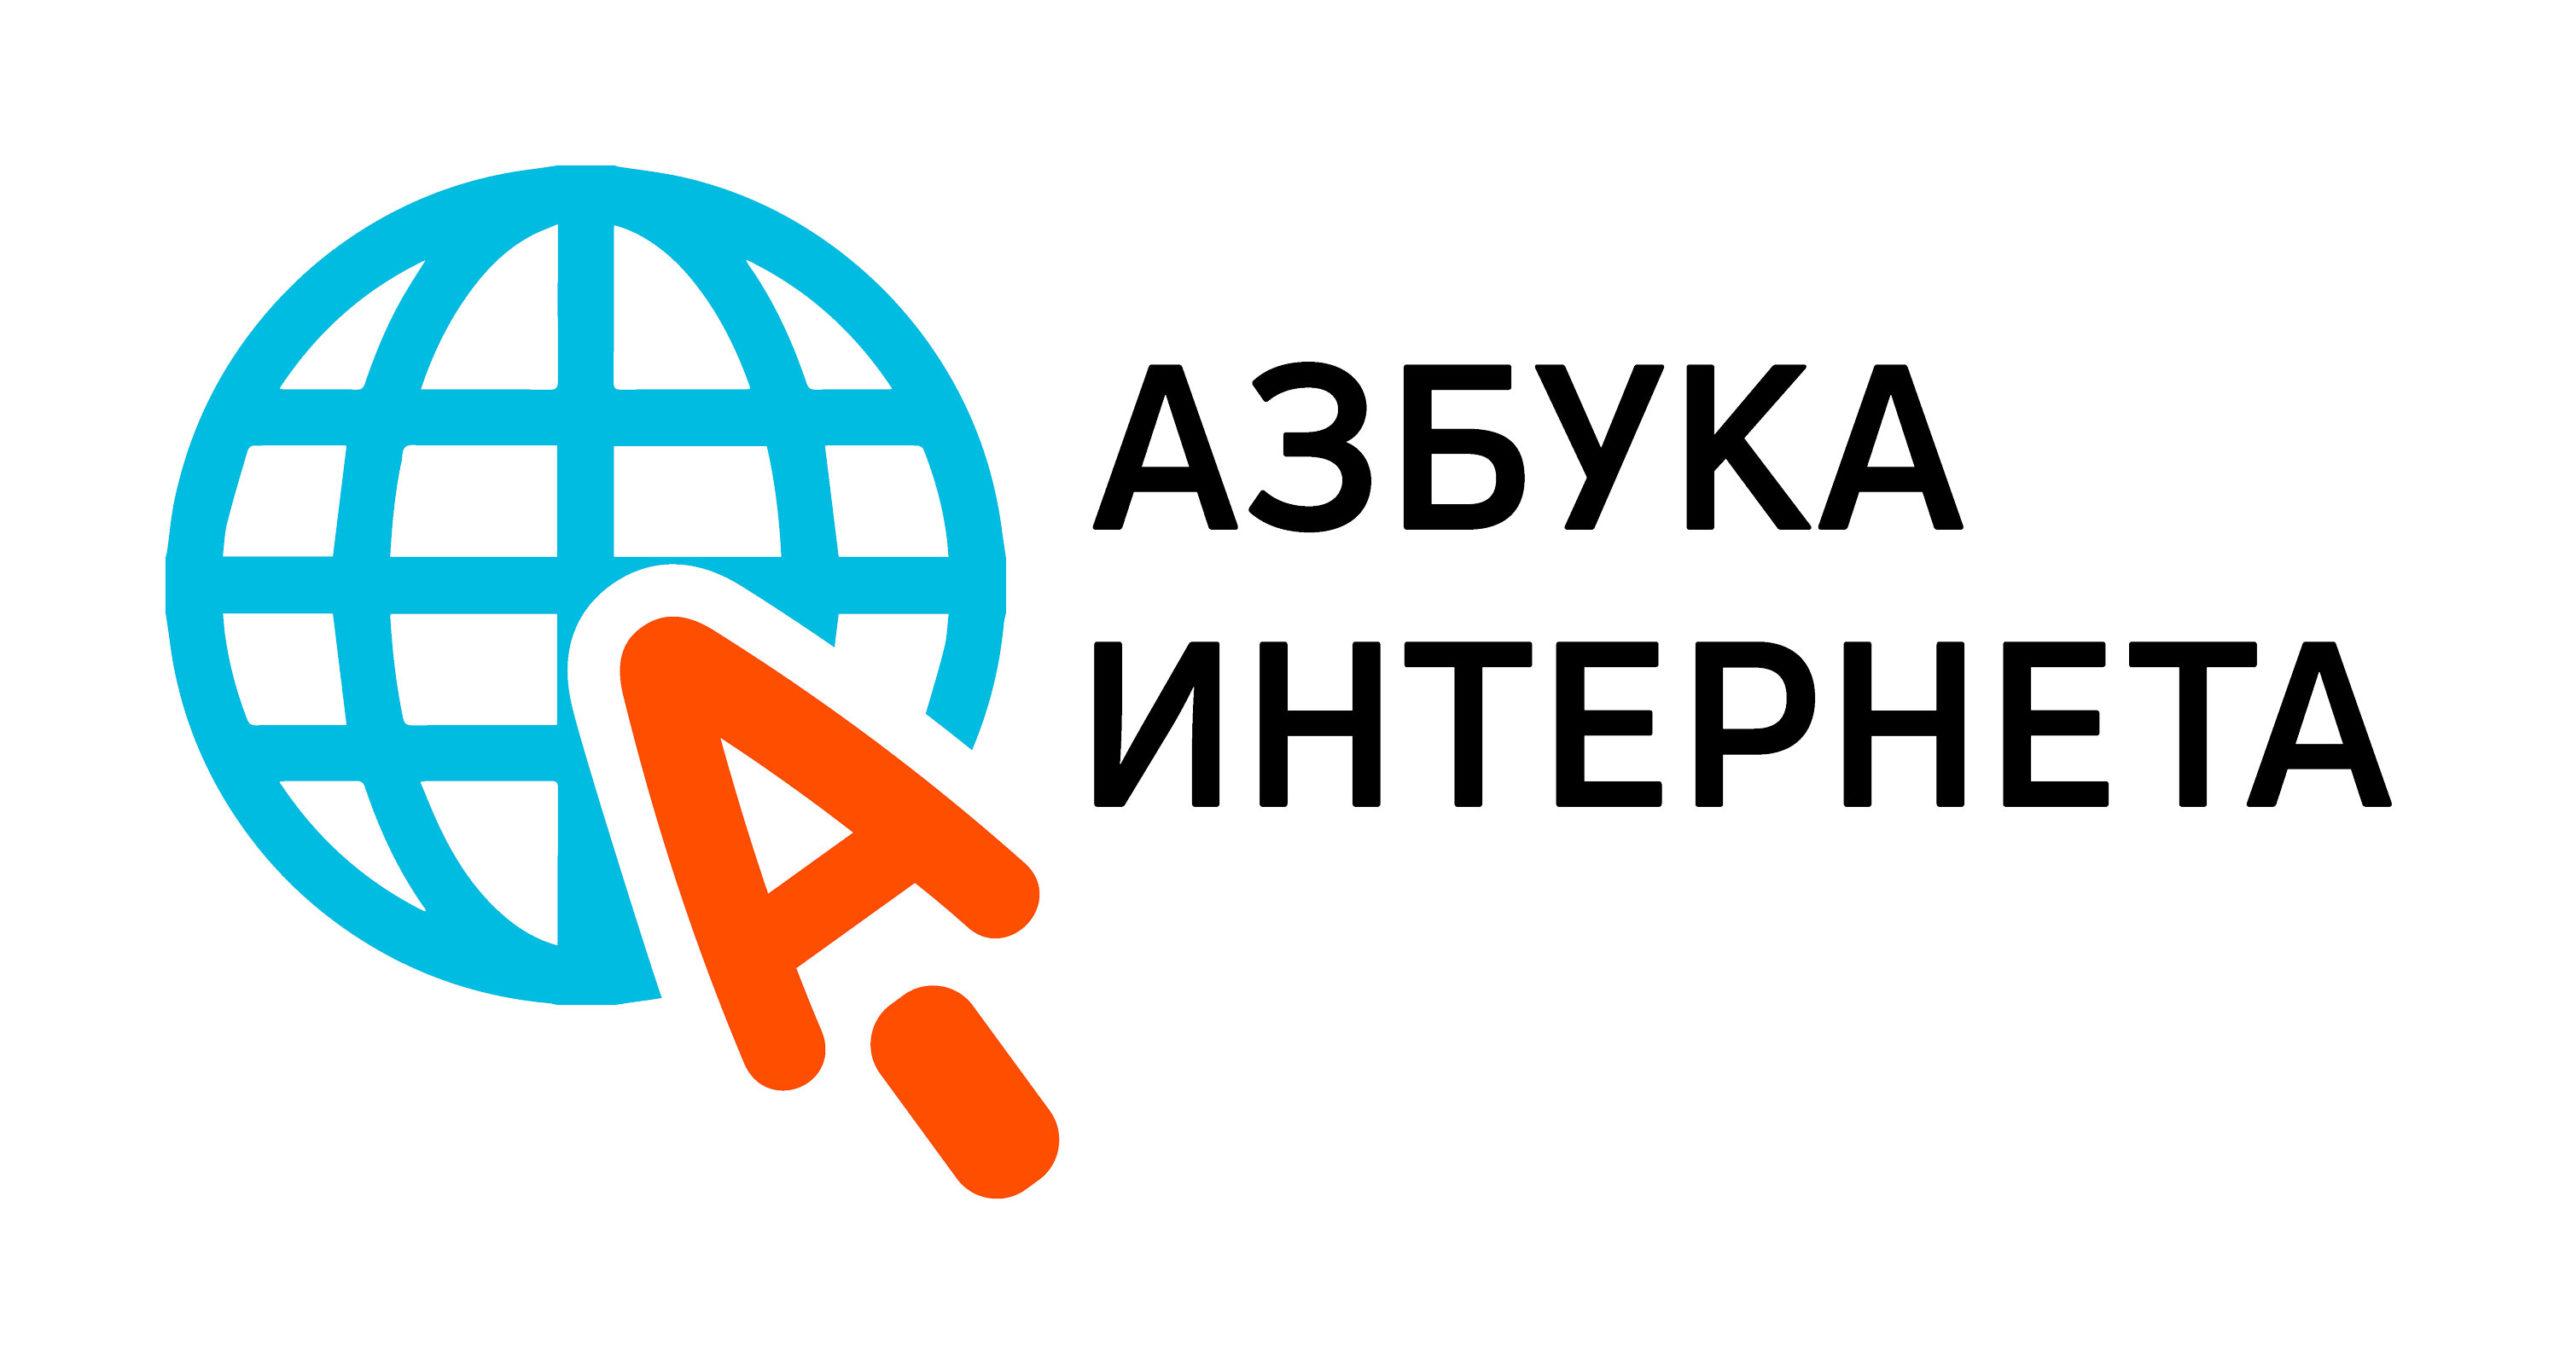 С интернетом на «ты». 38 тысяч пенсионеров и инвалидов прошли курс компьютерной грамотности от «Ростелеком»